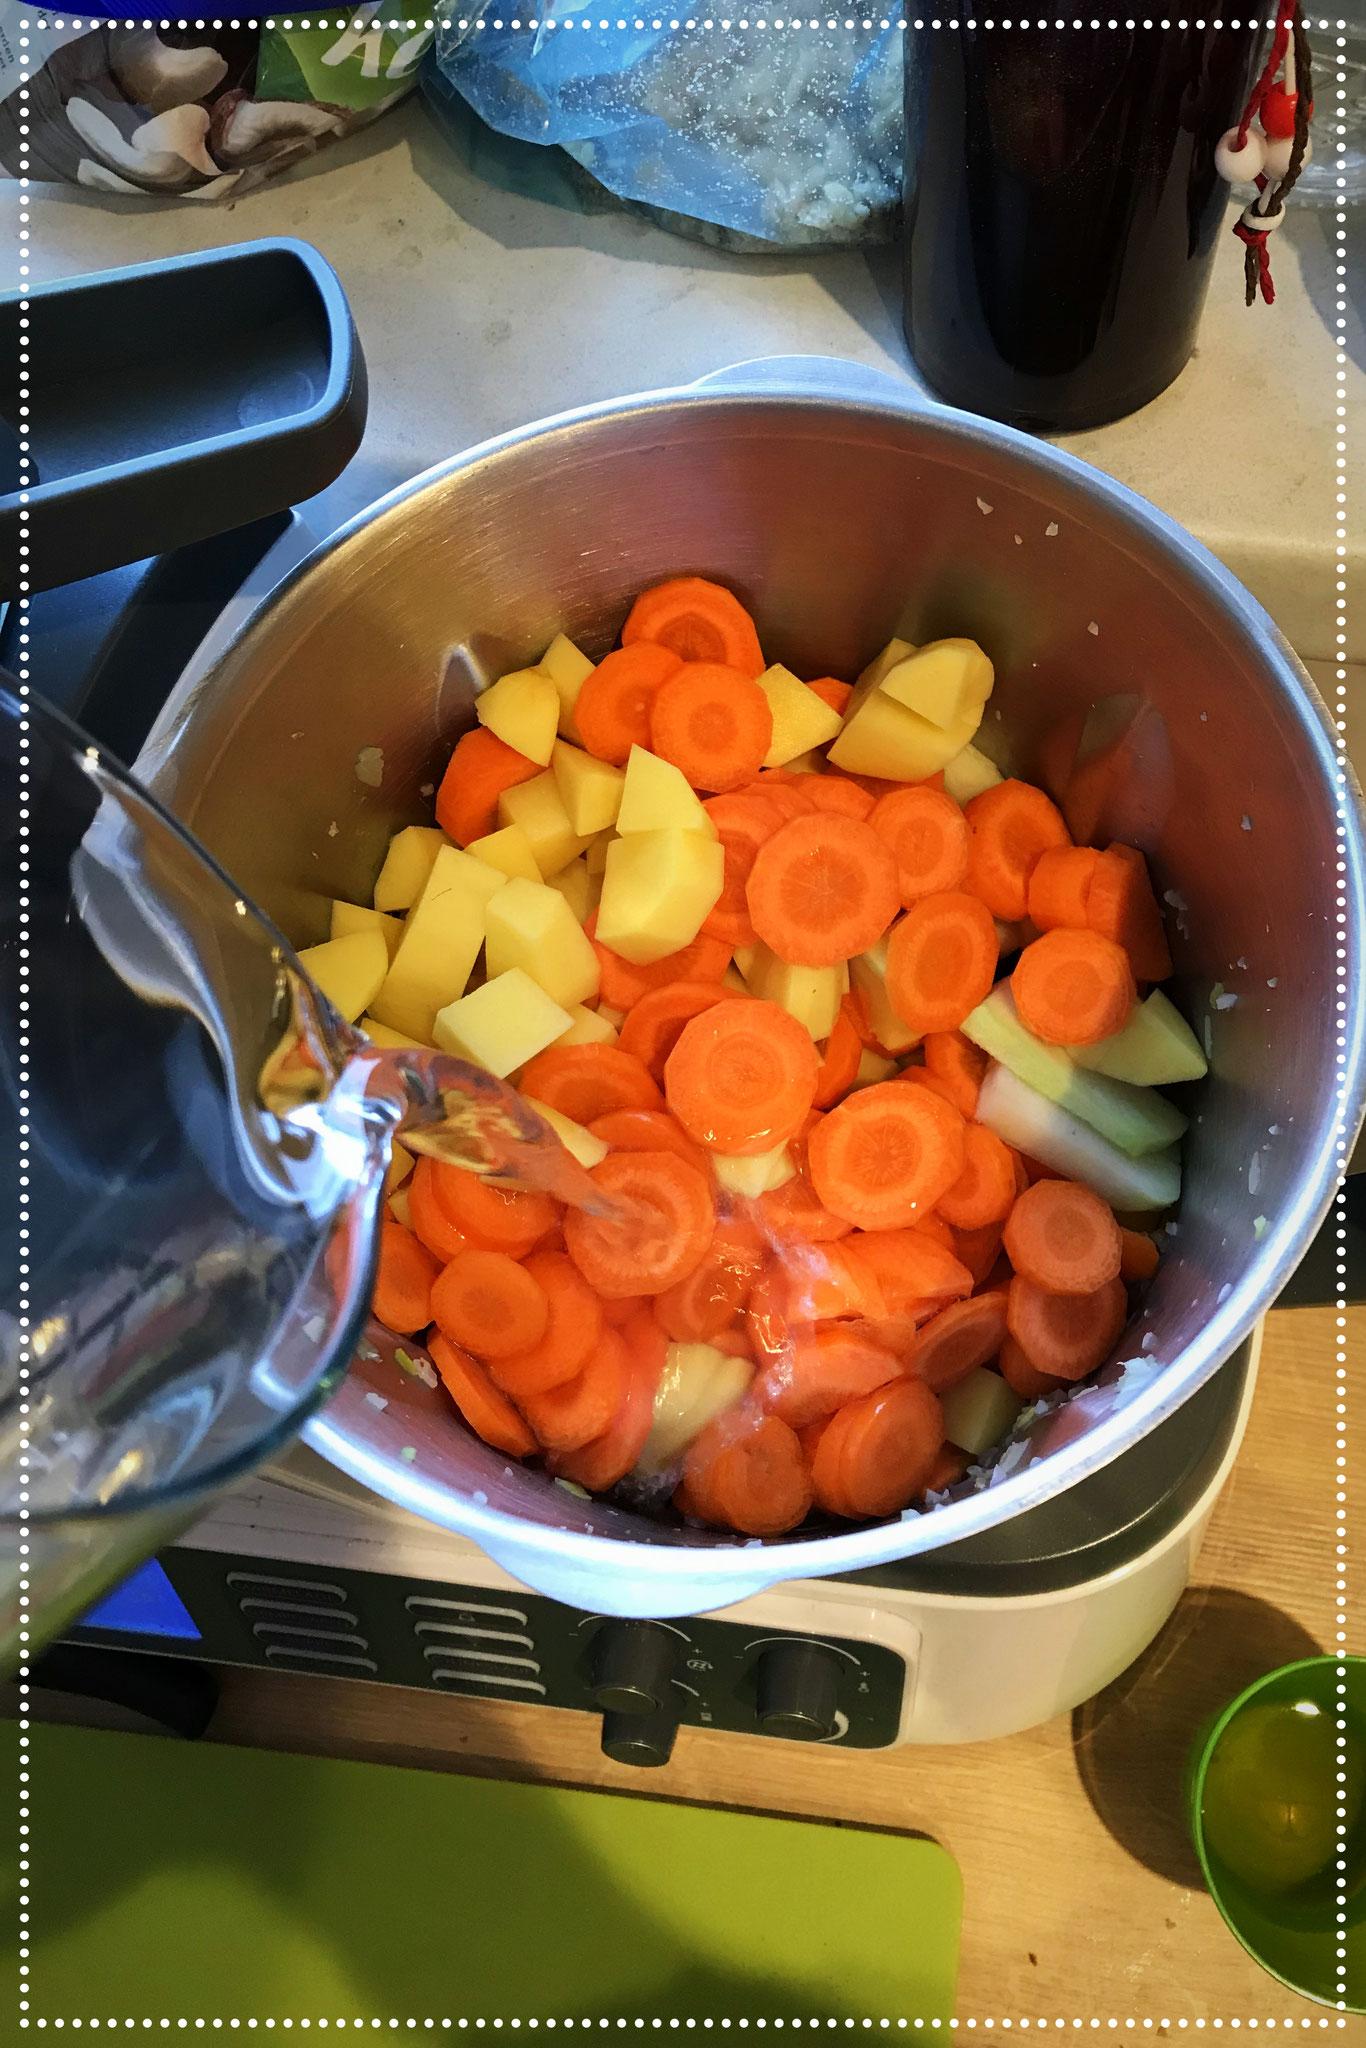 Wasser und Gemüsebrühpulver hinzugeben.